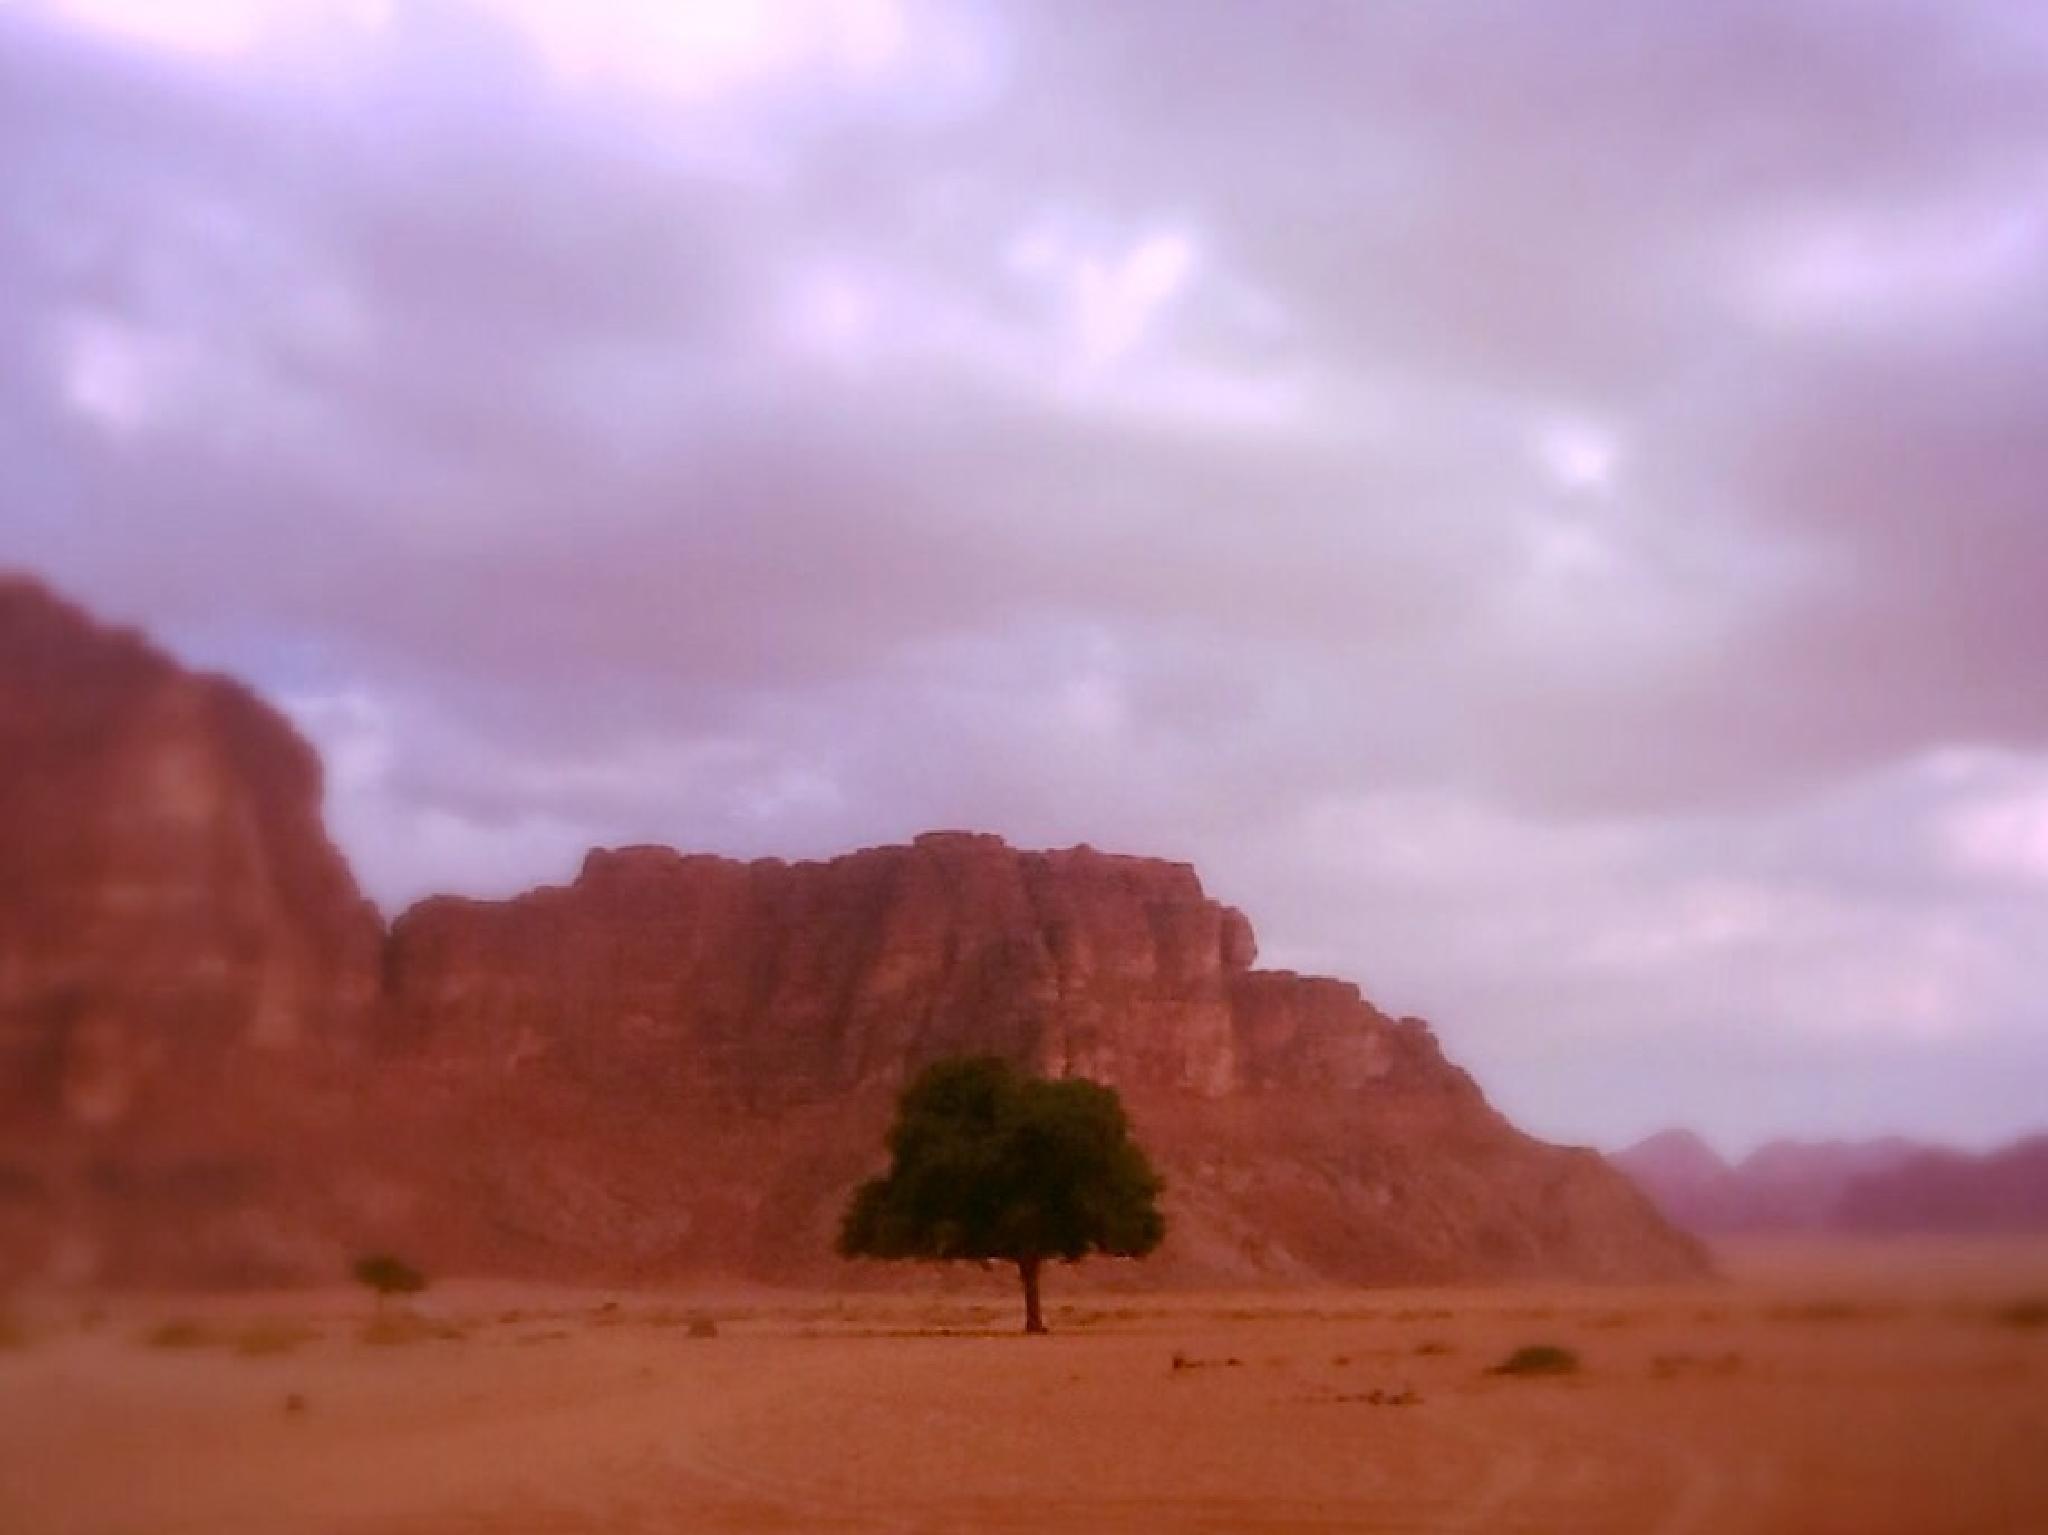 Tree of life in Wadi Rum by Meriç Aksu